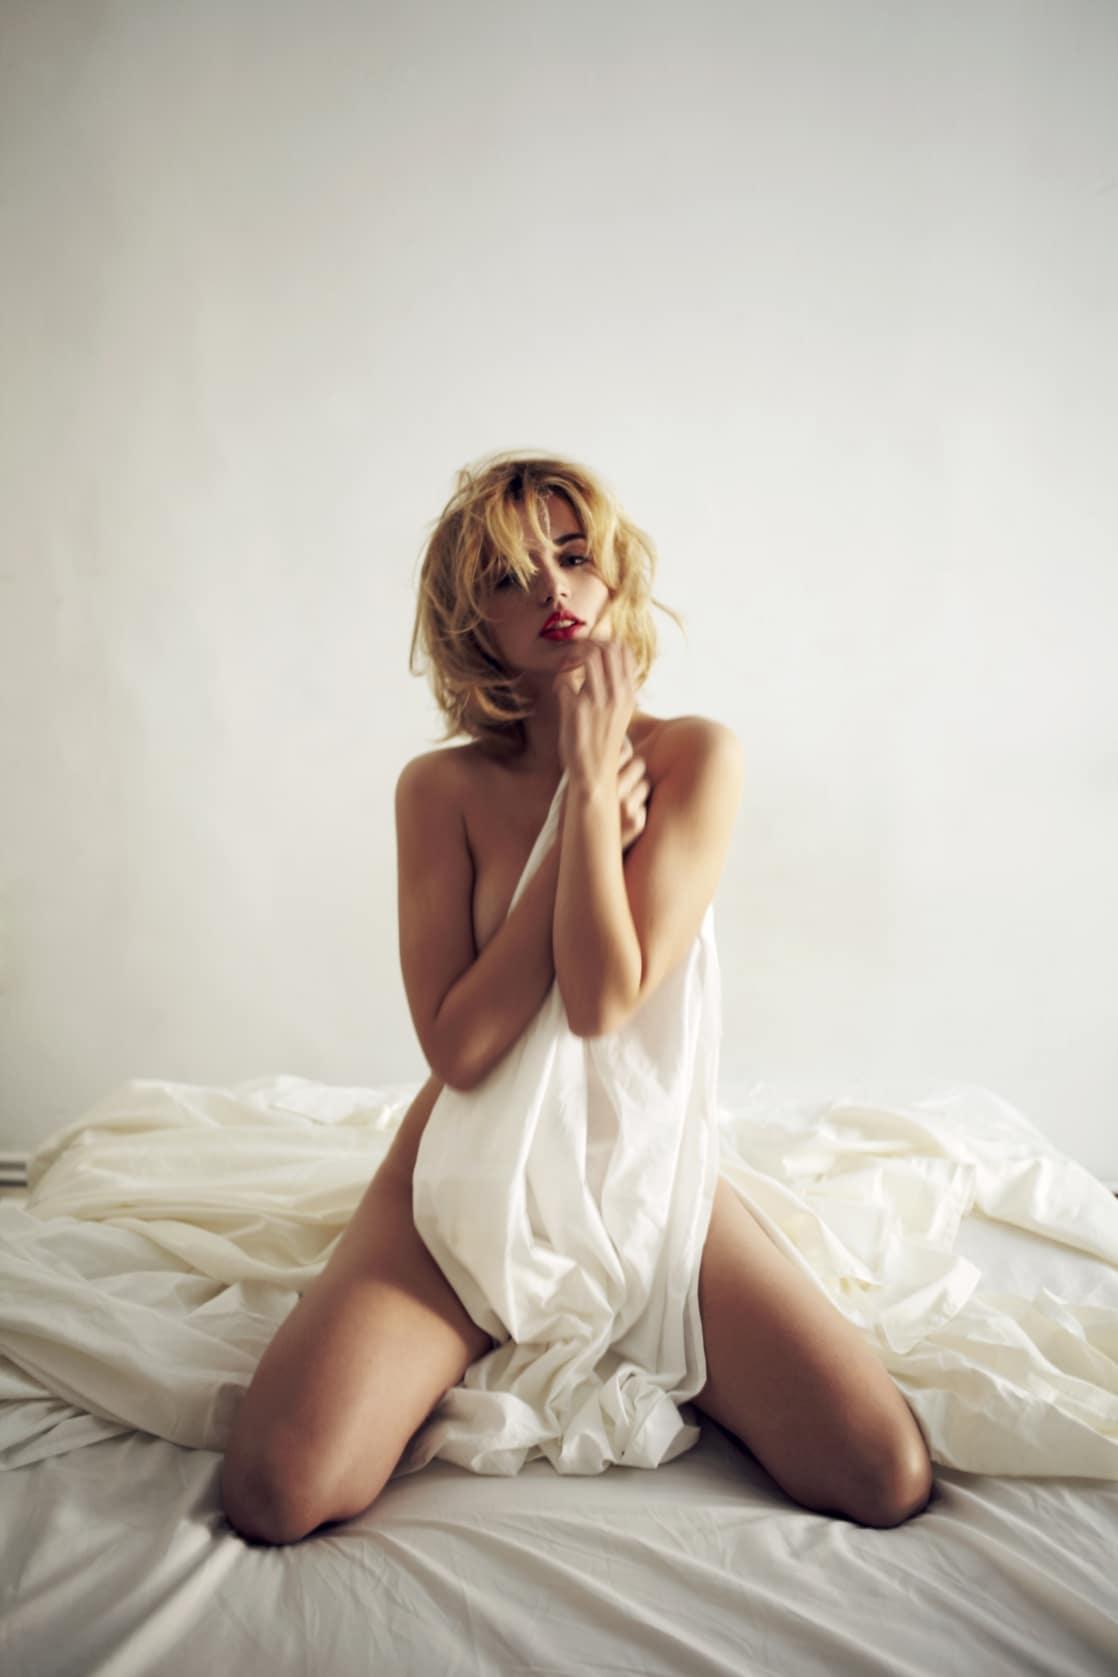 Ana de Armas hot pics undressed (2)